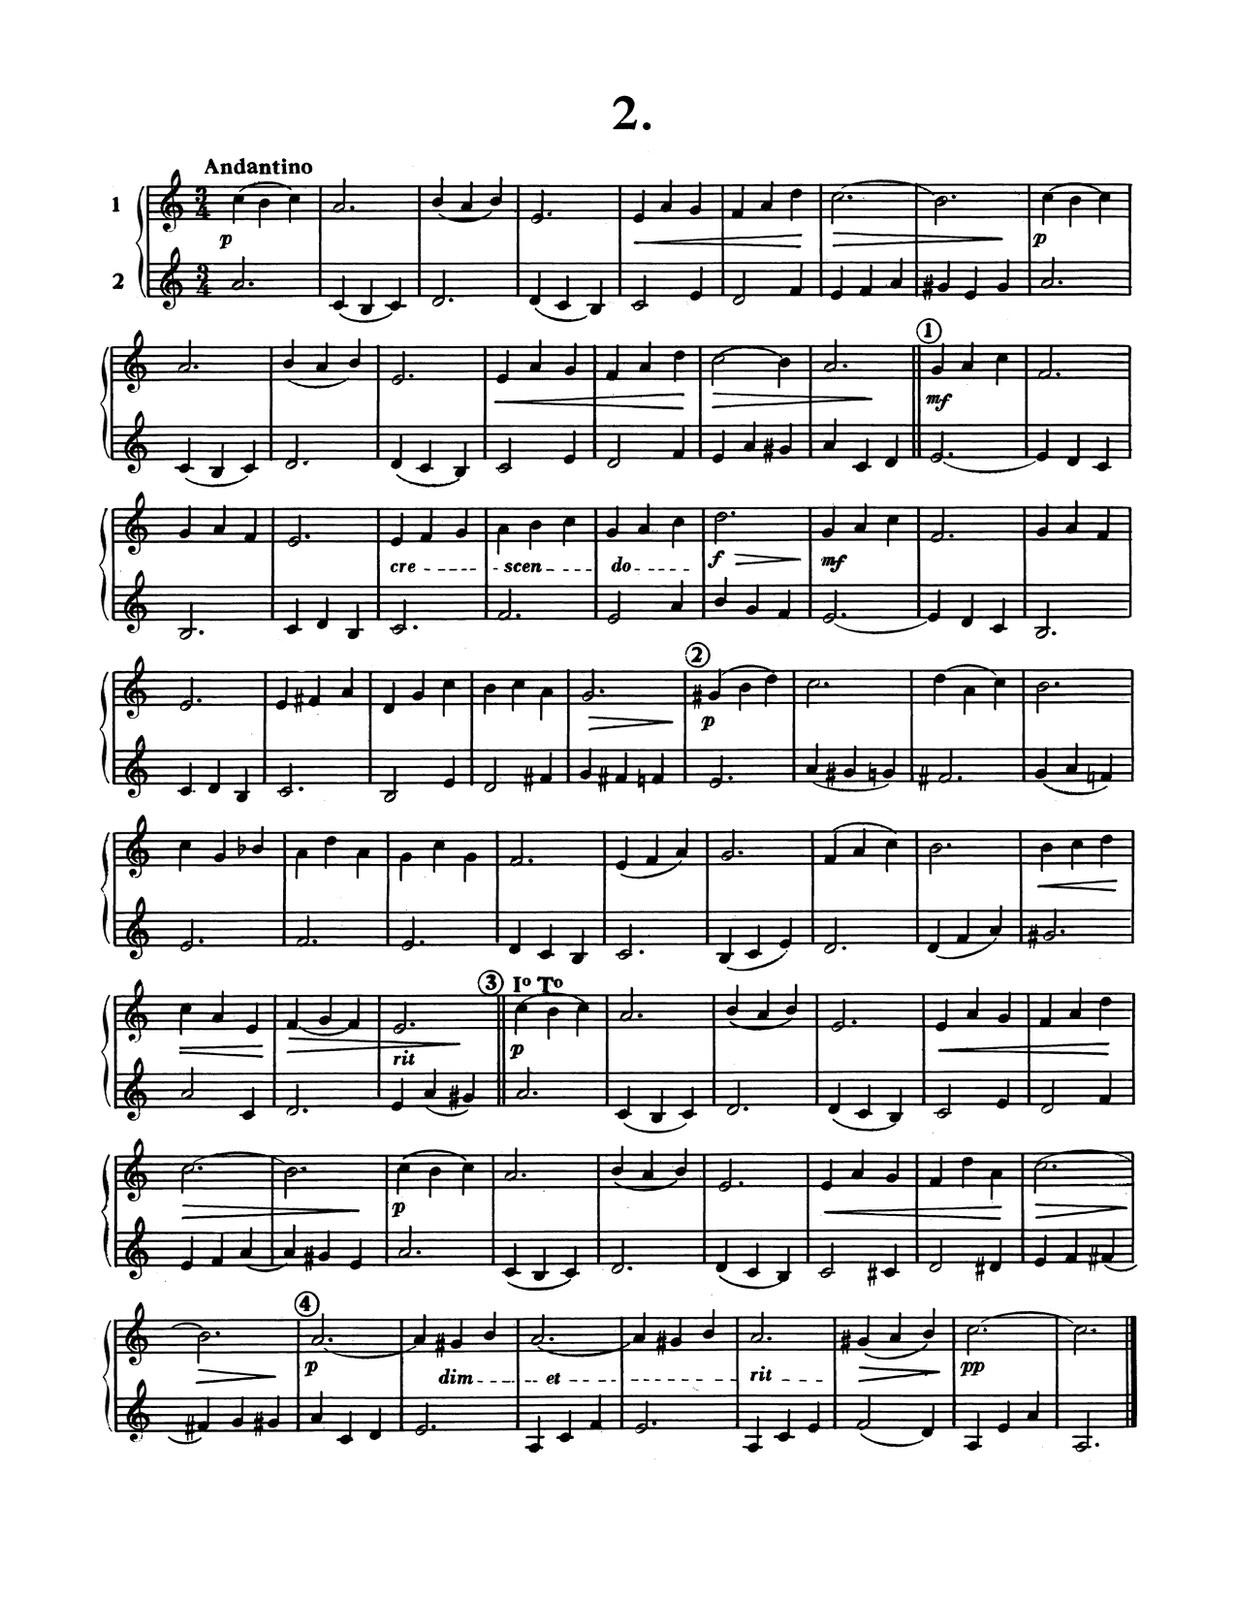 Porret, 12 Divertissements en Duos for Cornet, Trumpet, Bugle-p04